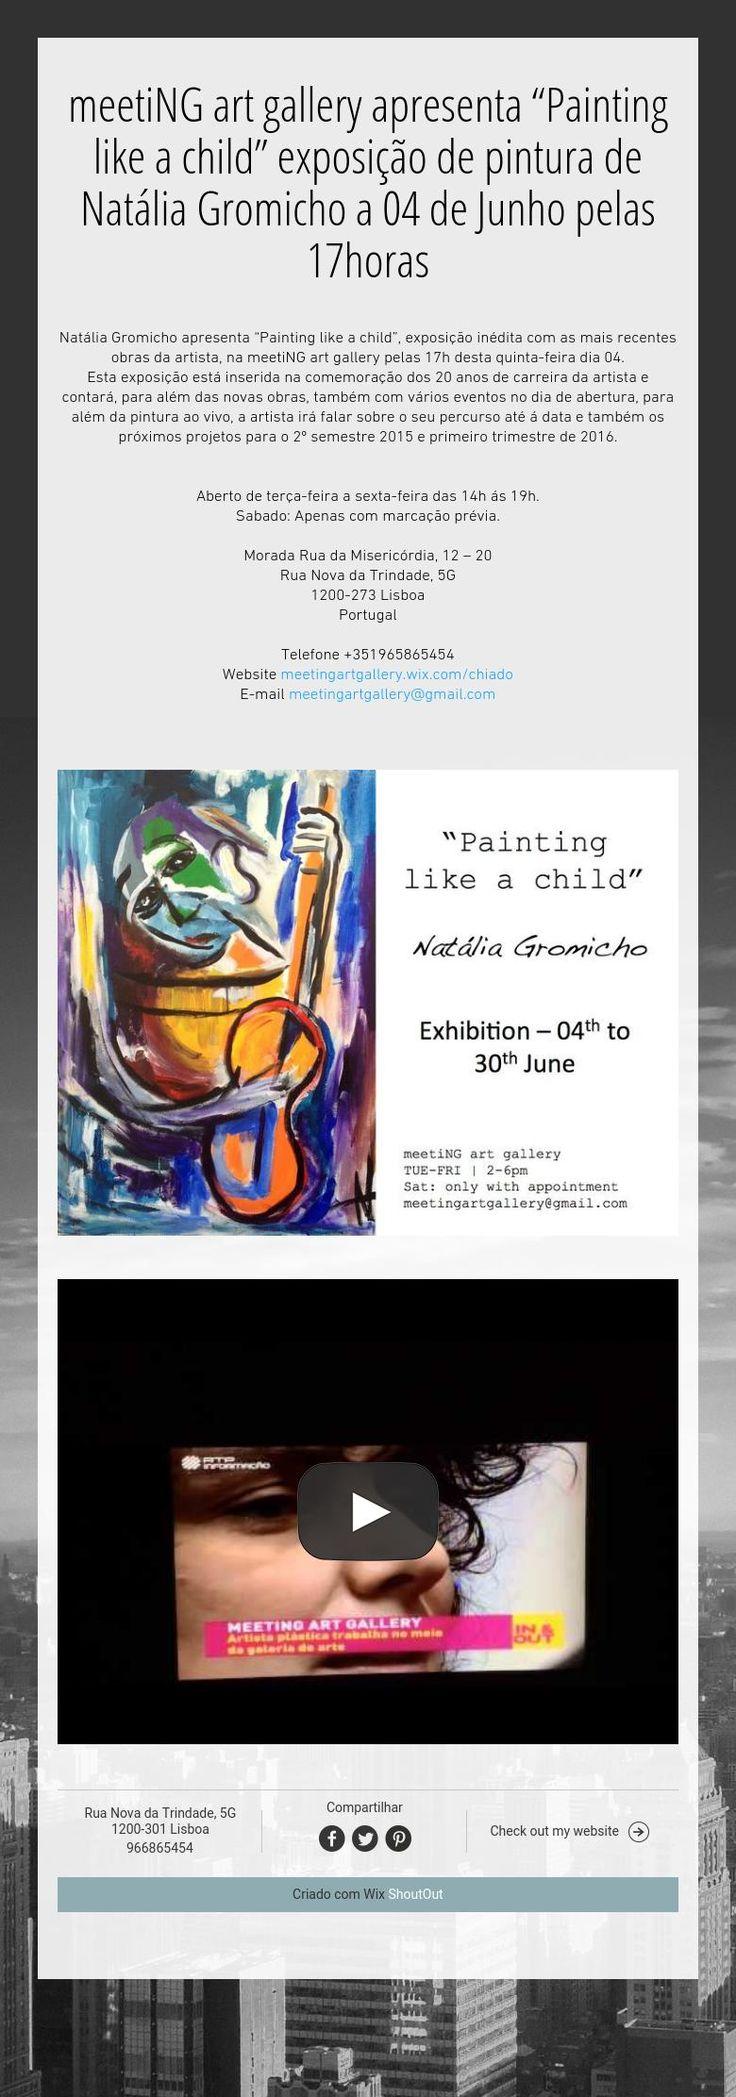 """meetiNG art gallery apresenta """"Painting like a child"""" exposição de pintura de Natália Gromicho a 04 de Junho pelas 17horas"""